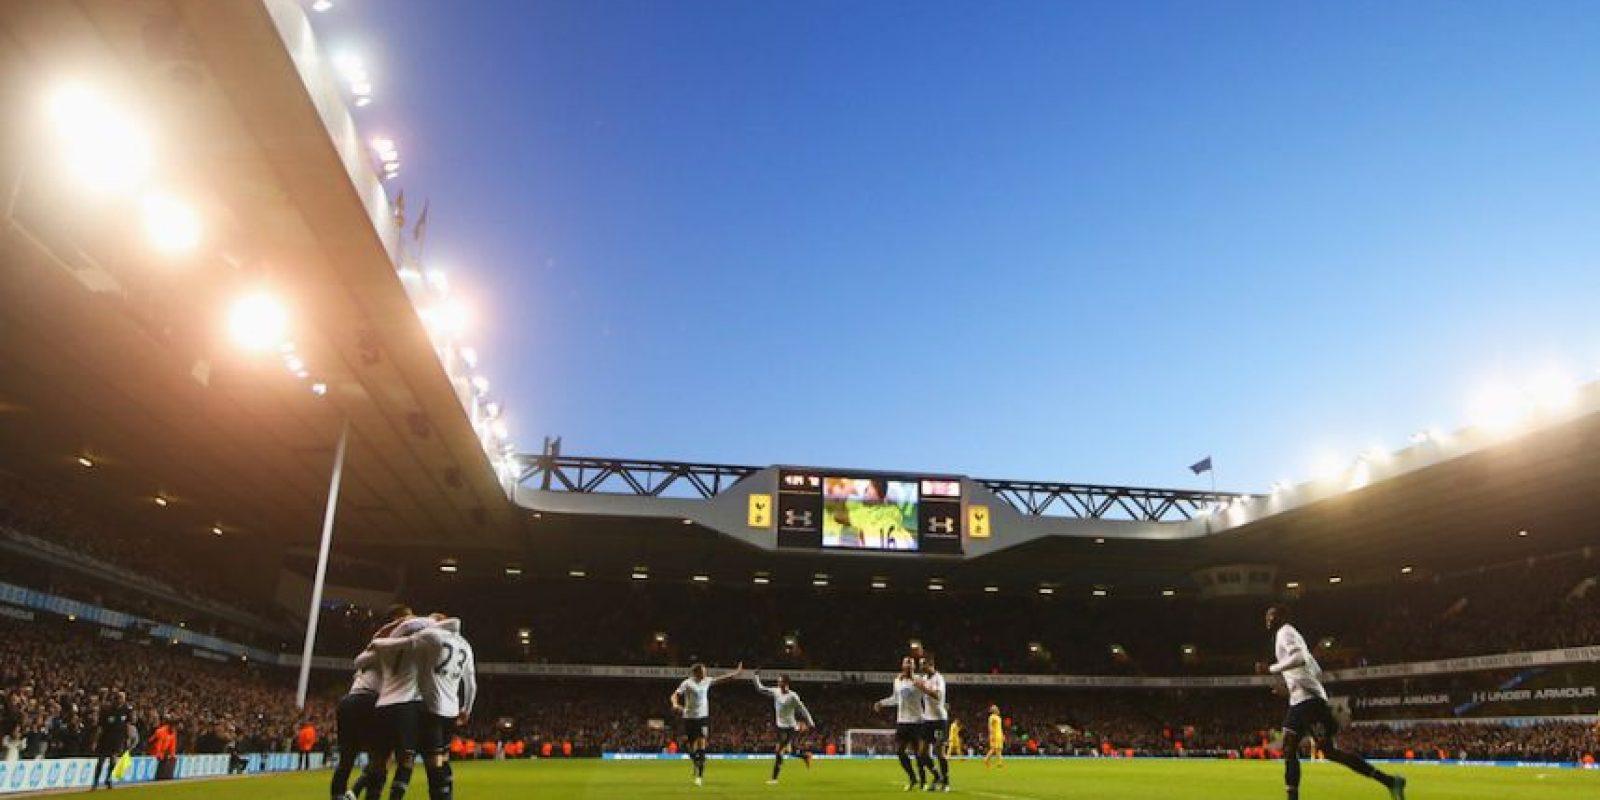 Fue el primer estadio de fútbol de la Premier League inglesa en prohibirlos y los fans del Tottenham ya no los pueden llevar. Foto:Getty Images